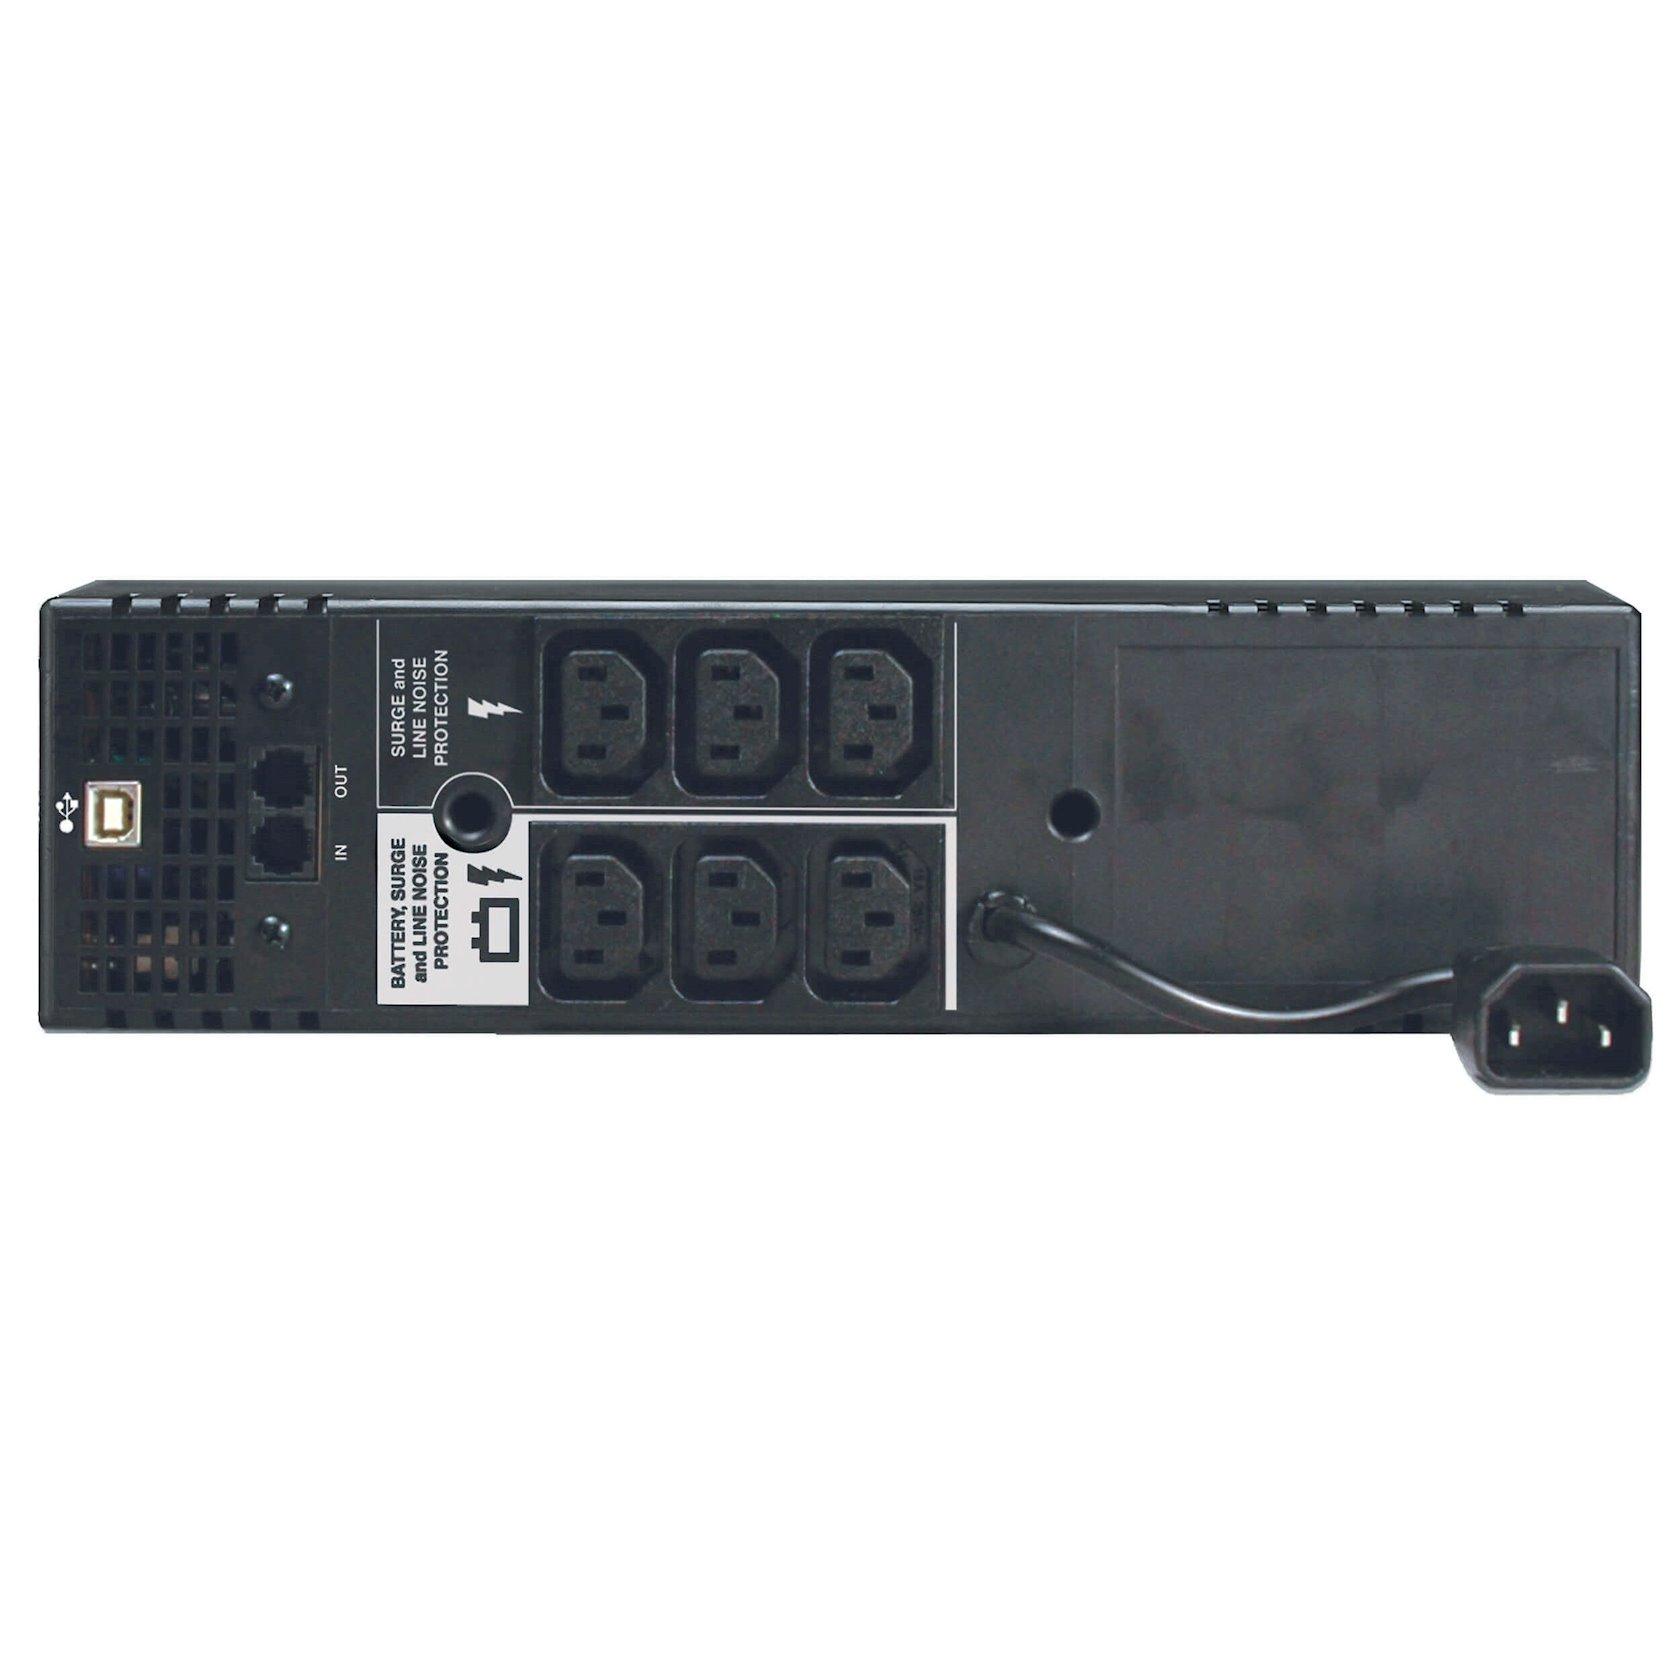 Ups Tripp Lite SmArtpro Digital 1000 LCD ekran ilə SMX1000LCD